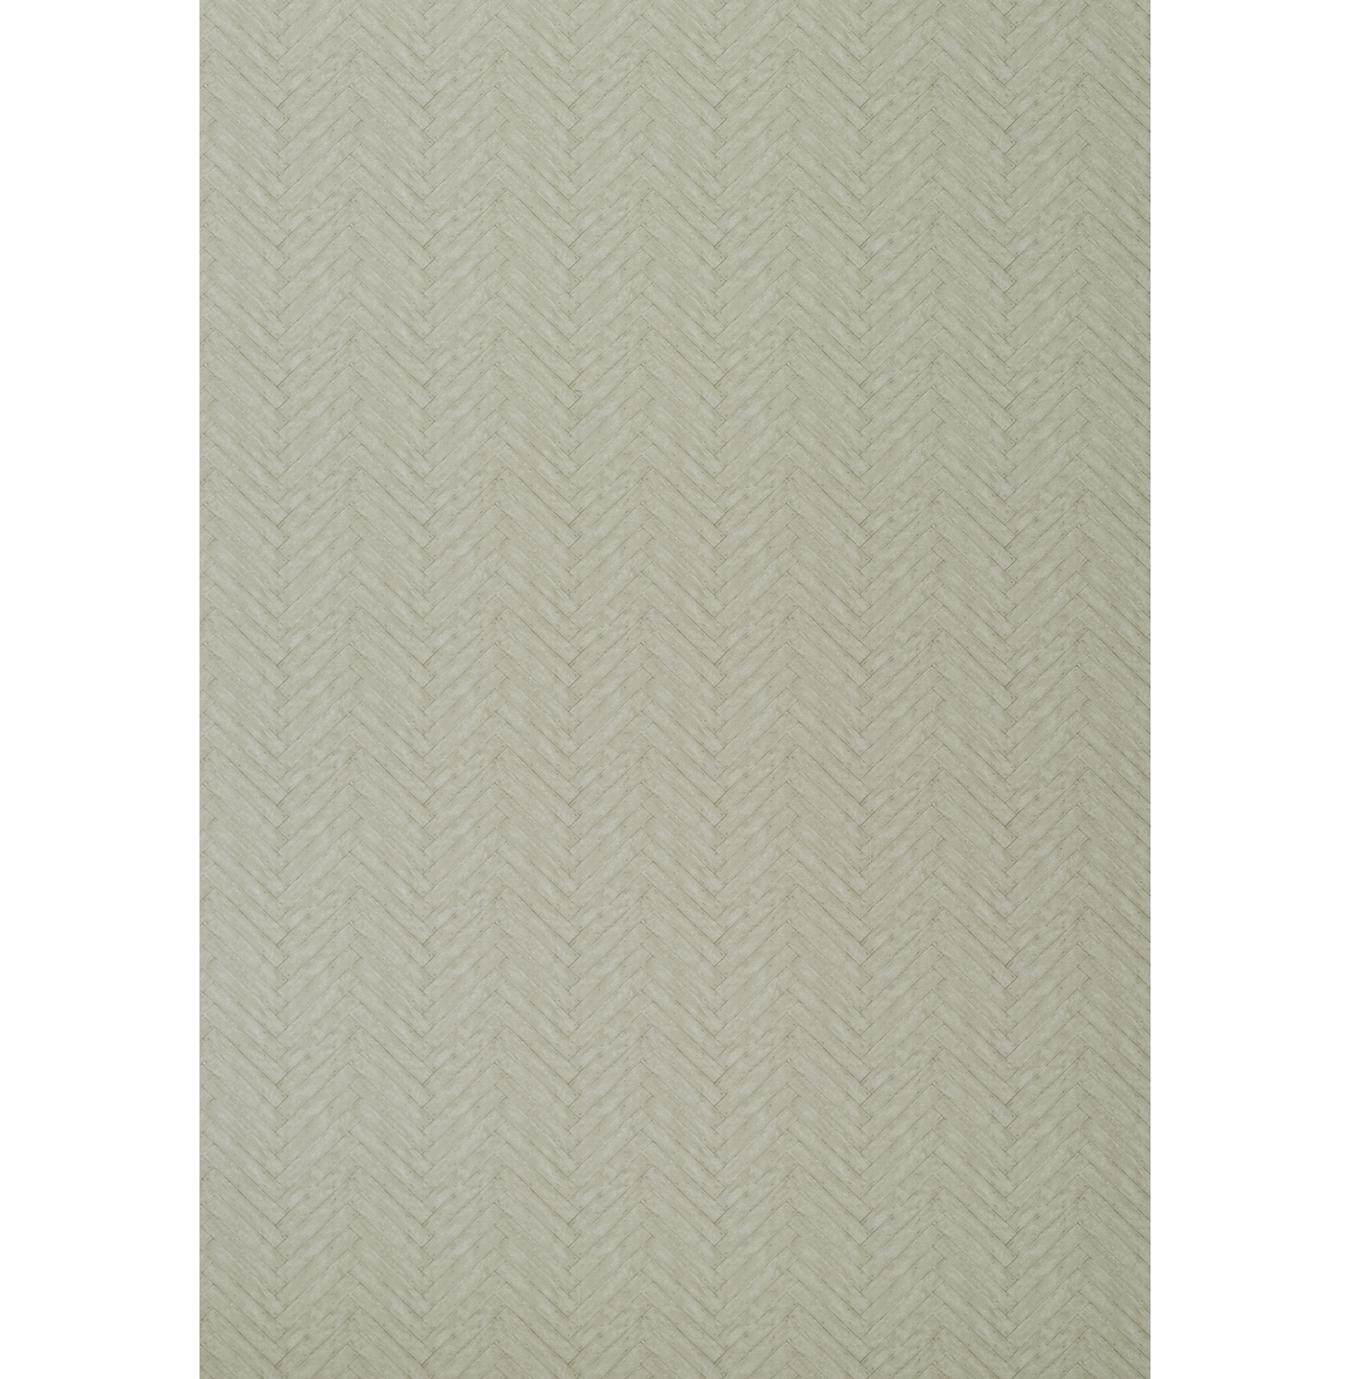 Vintage Parquet Wood Panel Wallpaper - Ash - 2 Rolls